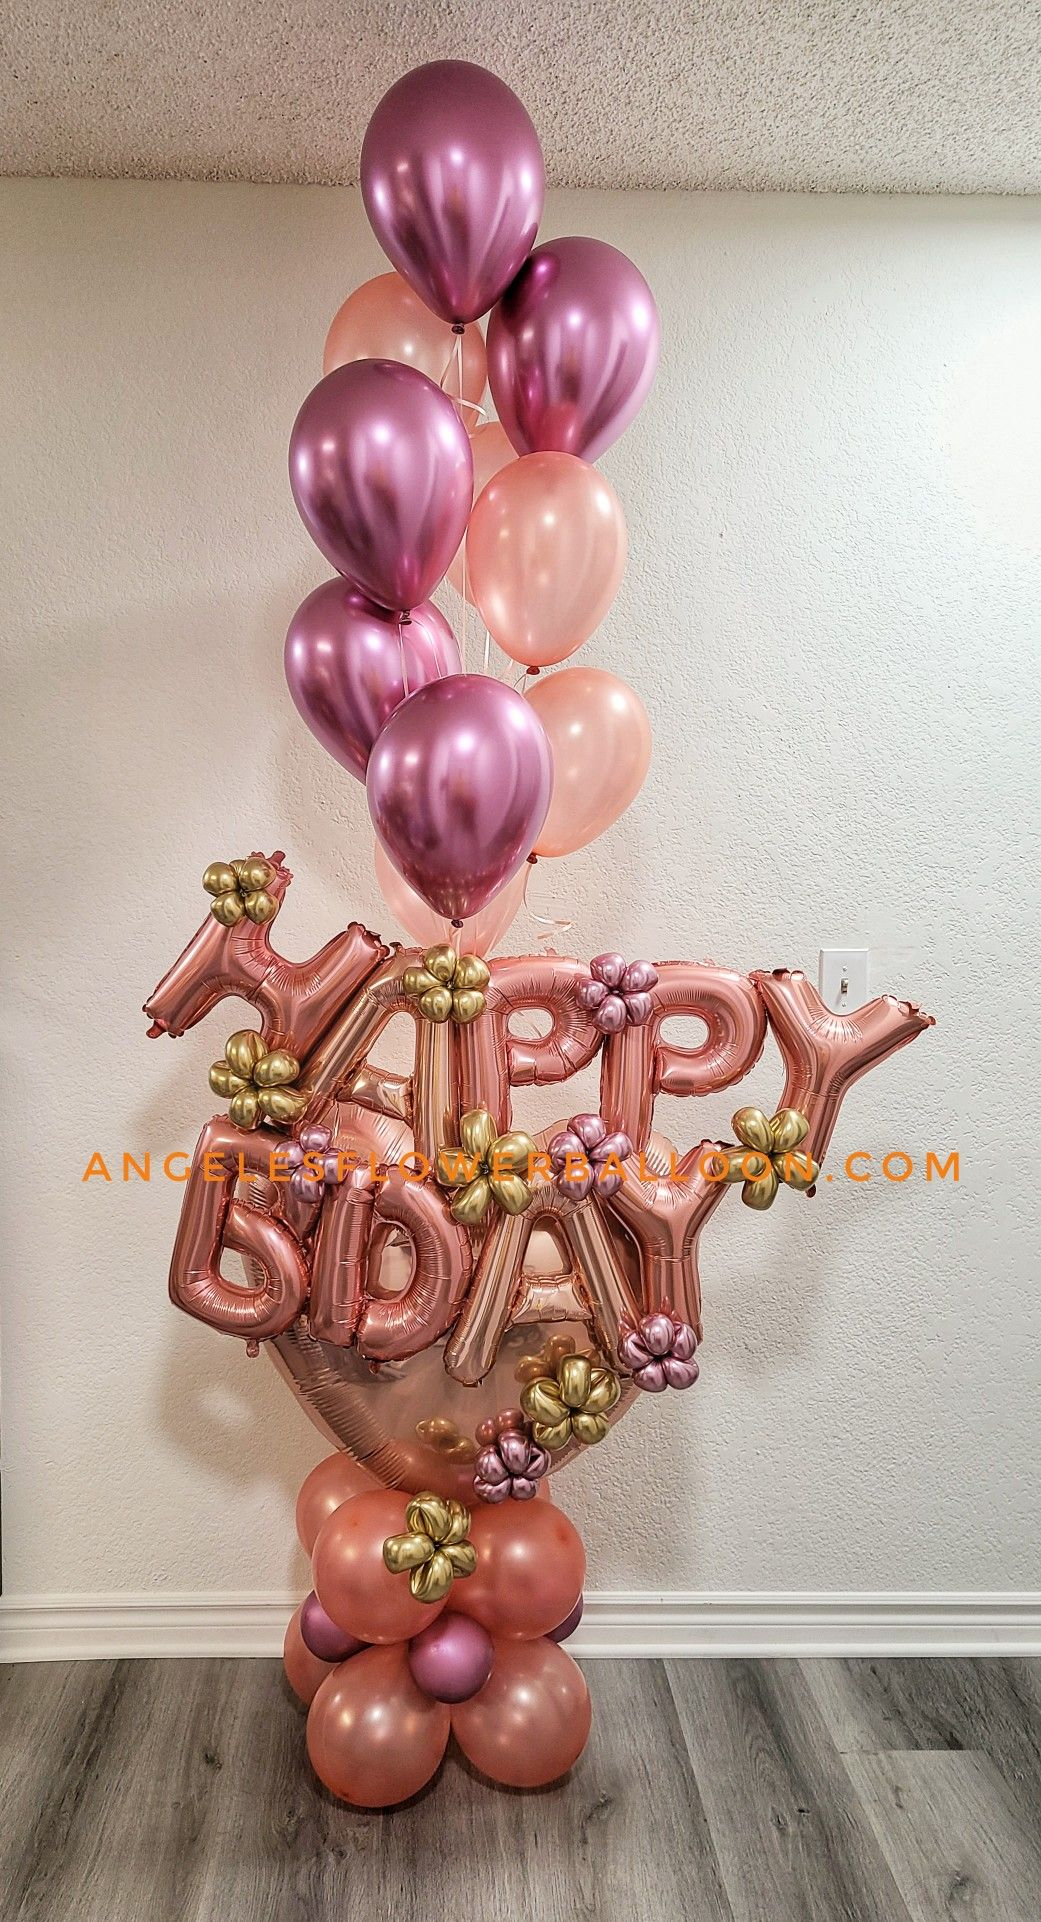 Design bouquet in 2020 Birthday bouquet, Balloon flowers